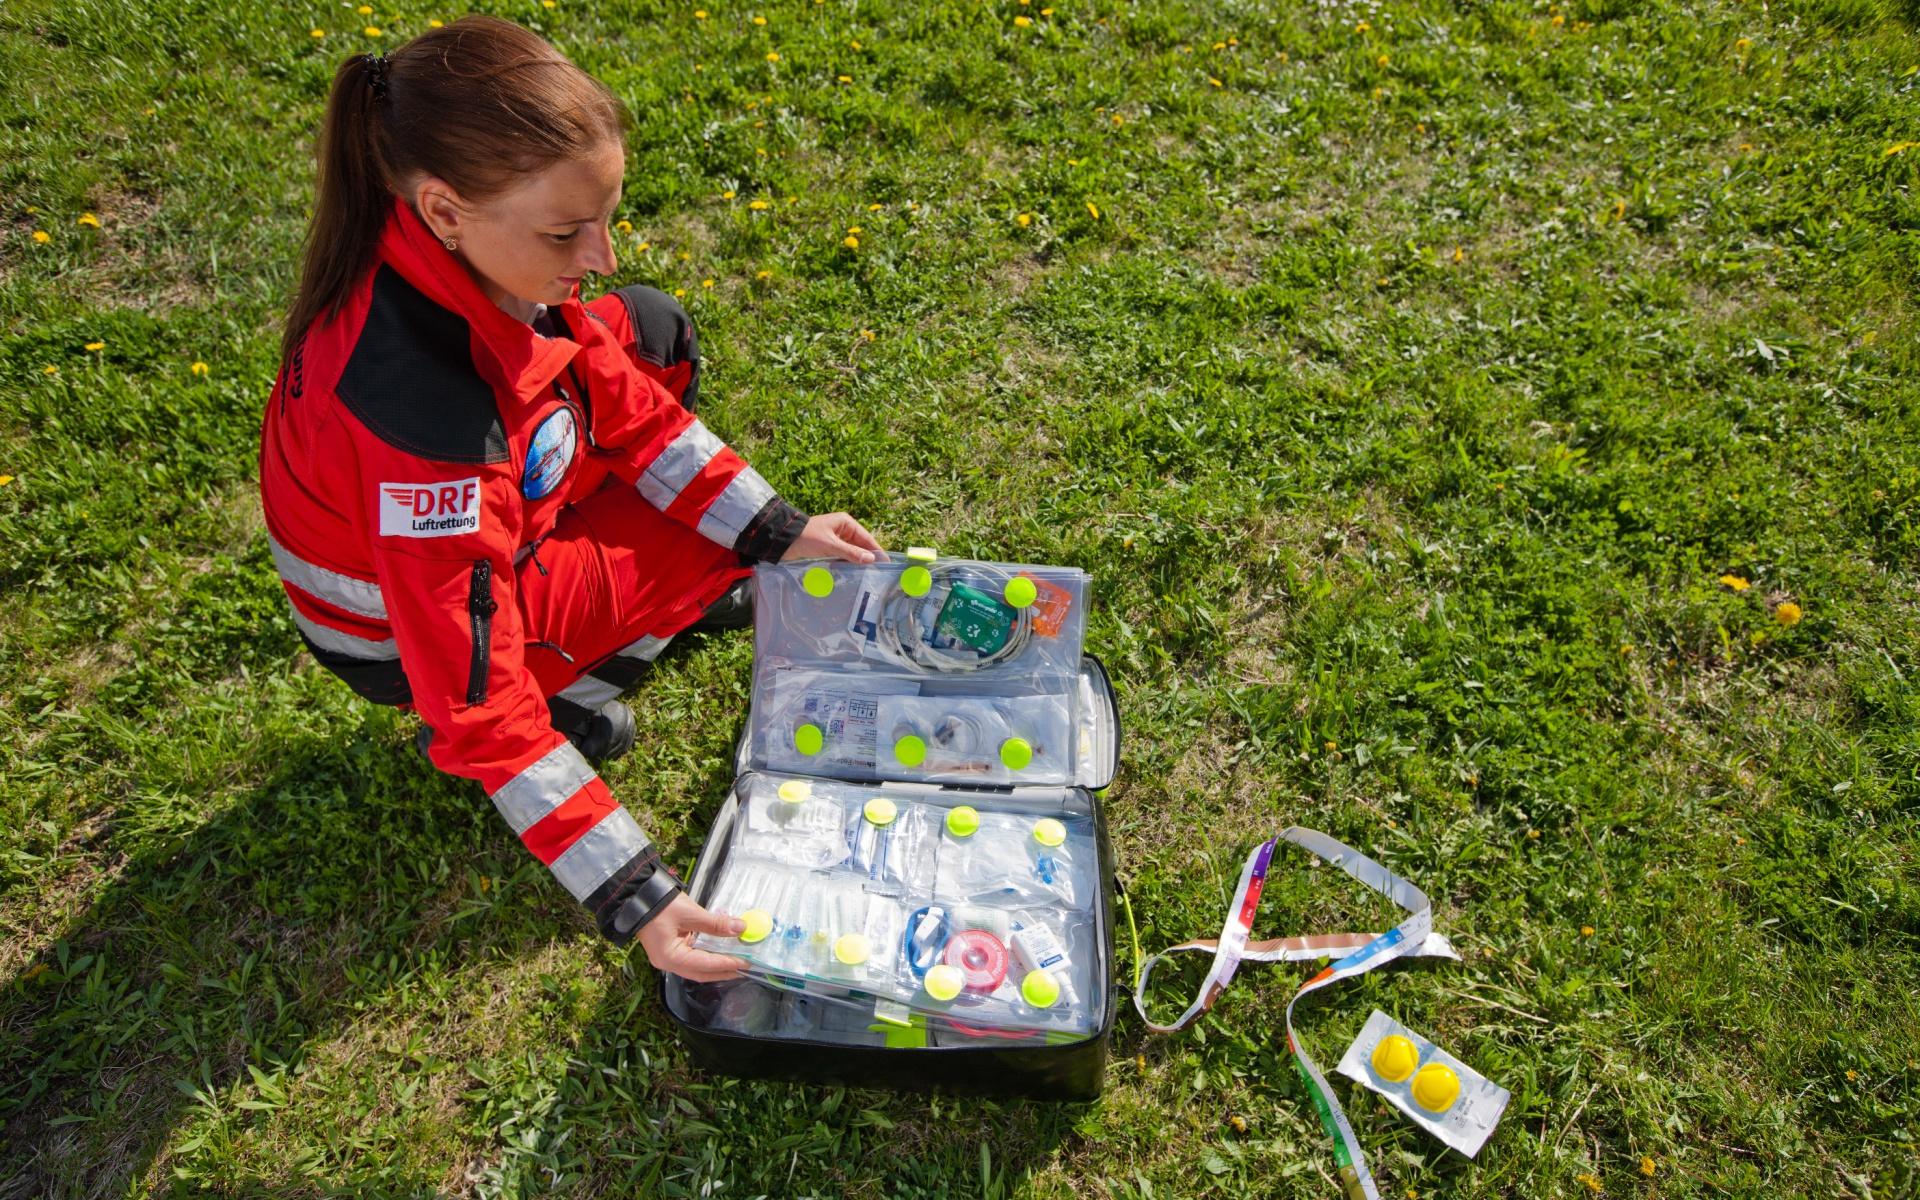 Die Kindertasche bietet auf einen Griff die wesentlichen medizinischen Hilfsmittel bei Kindernotfällen.